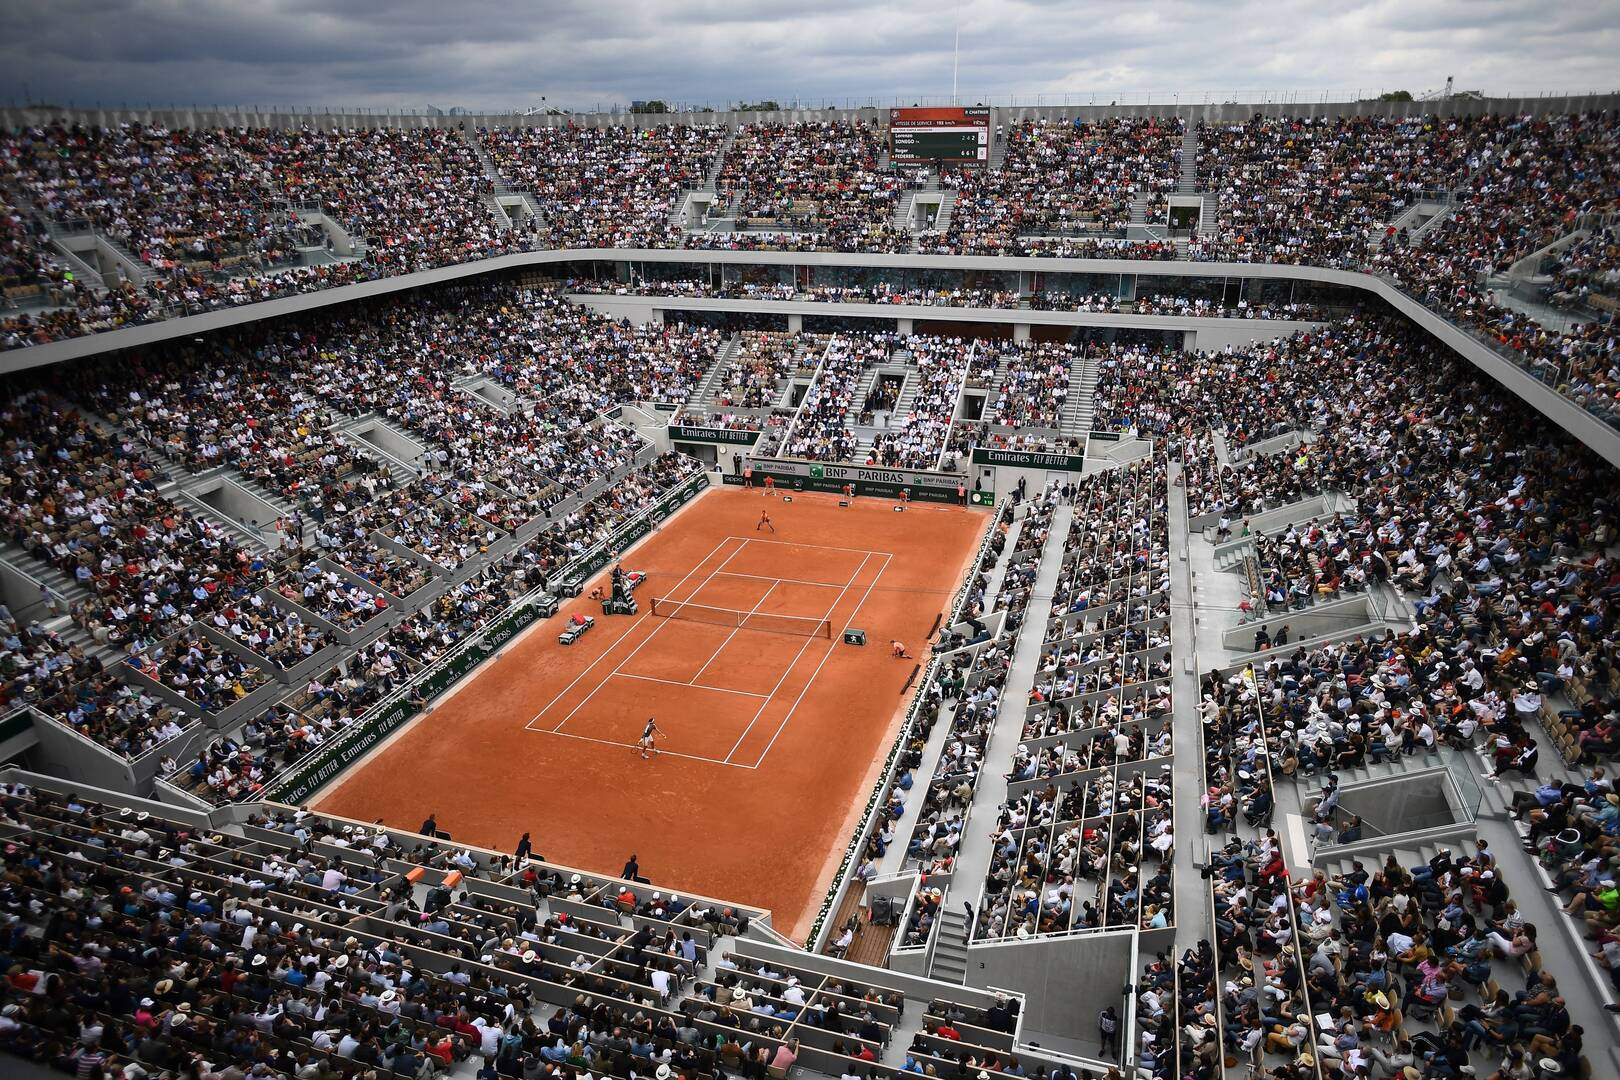 رسميا.. تأجيل بطولة فرنسا المفتوحة للتنس